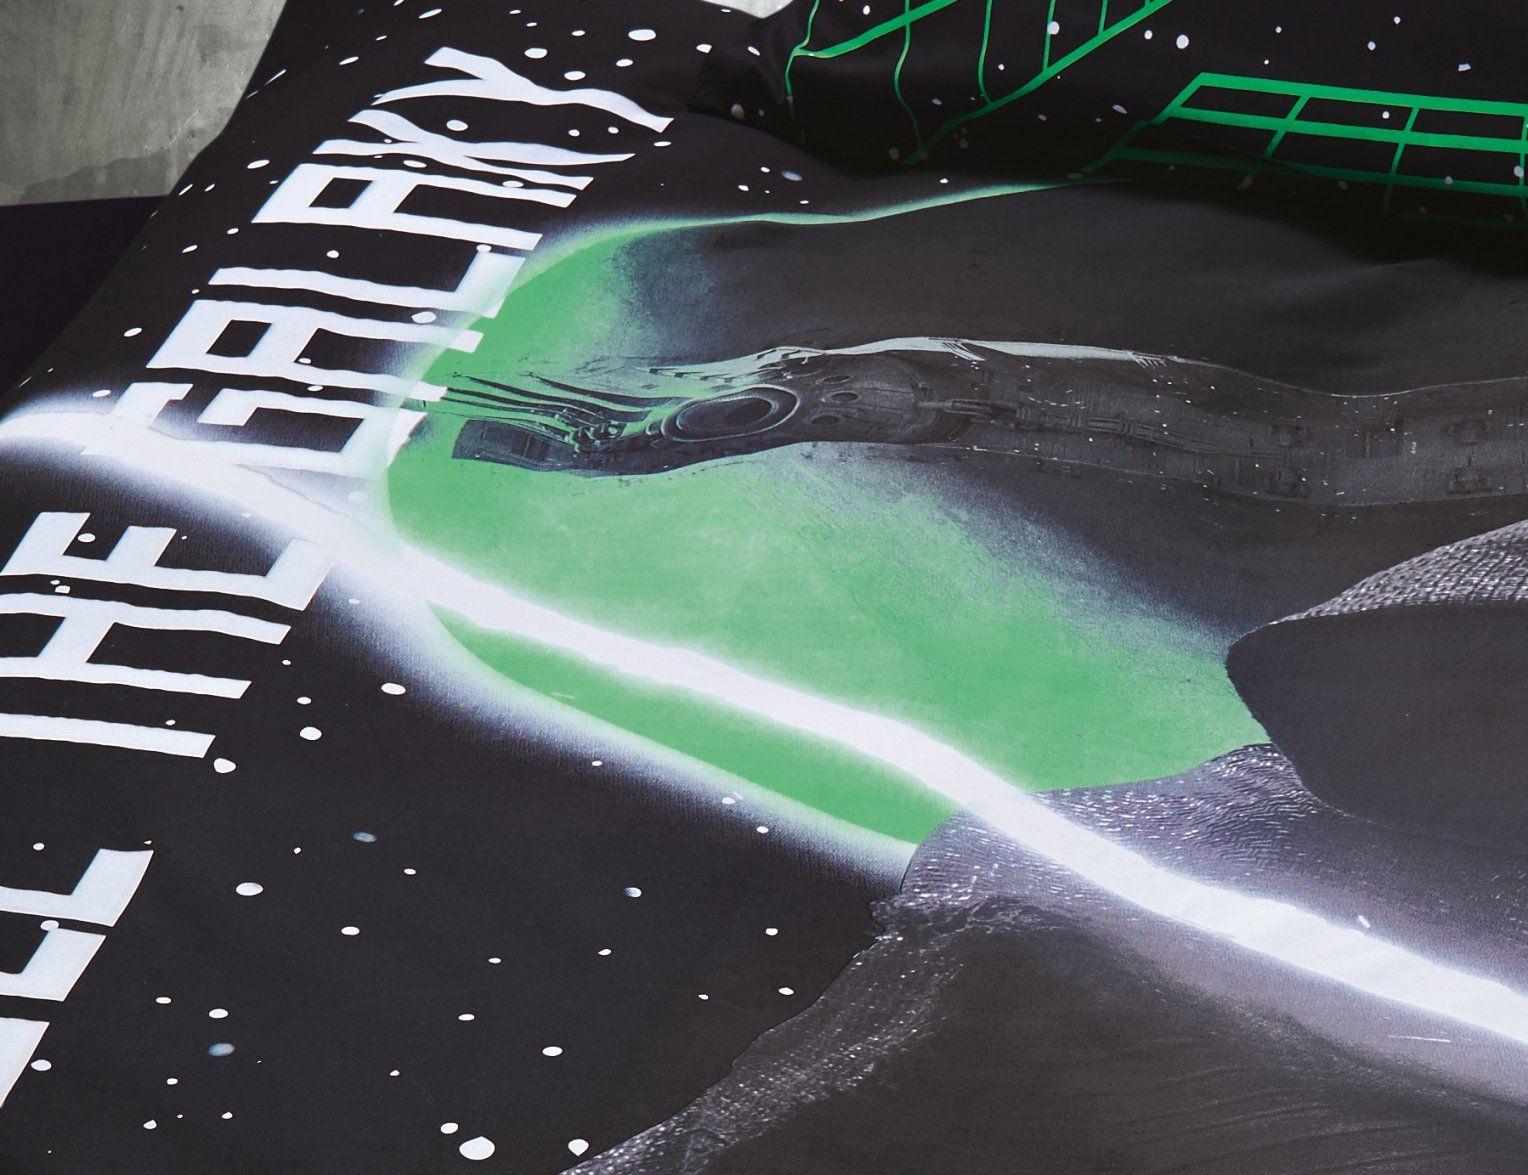 Star Wars Bettwäsche Leuchtend Günstig  Bettwaeschech von Star Wars Bettwäsche Leuchtend Bild